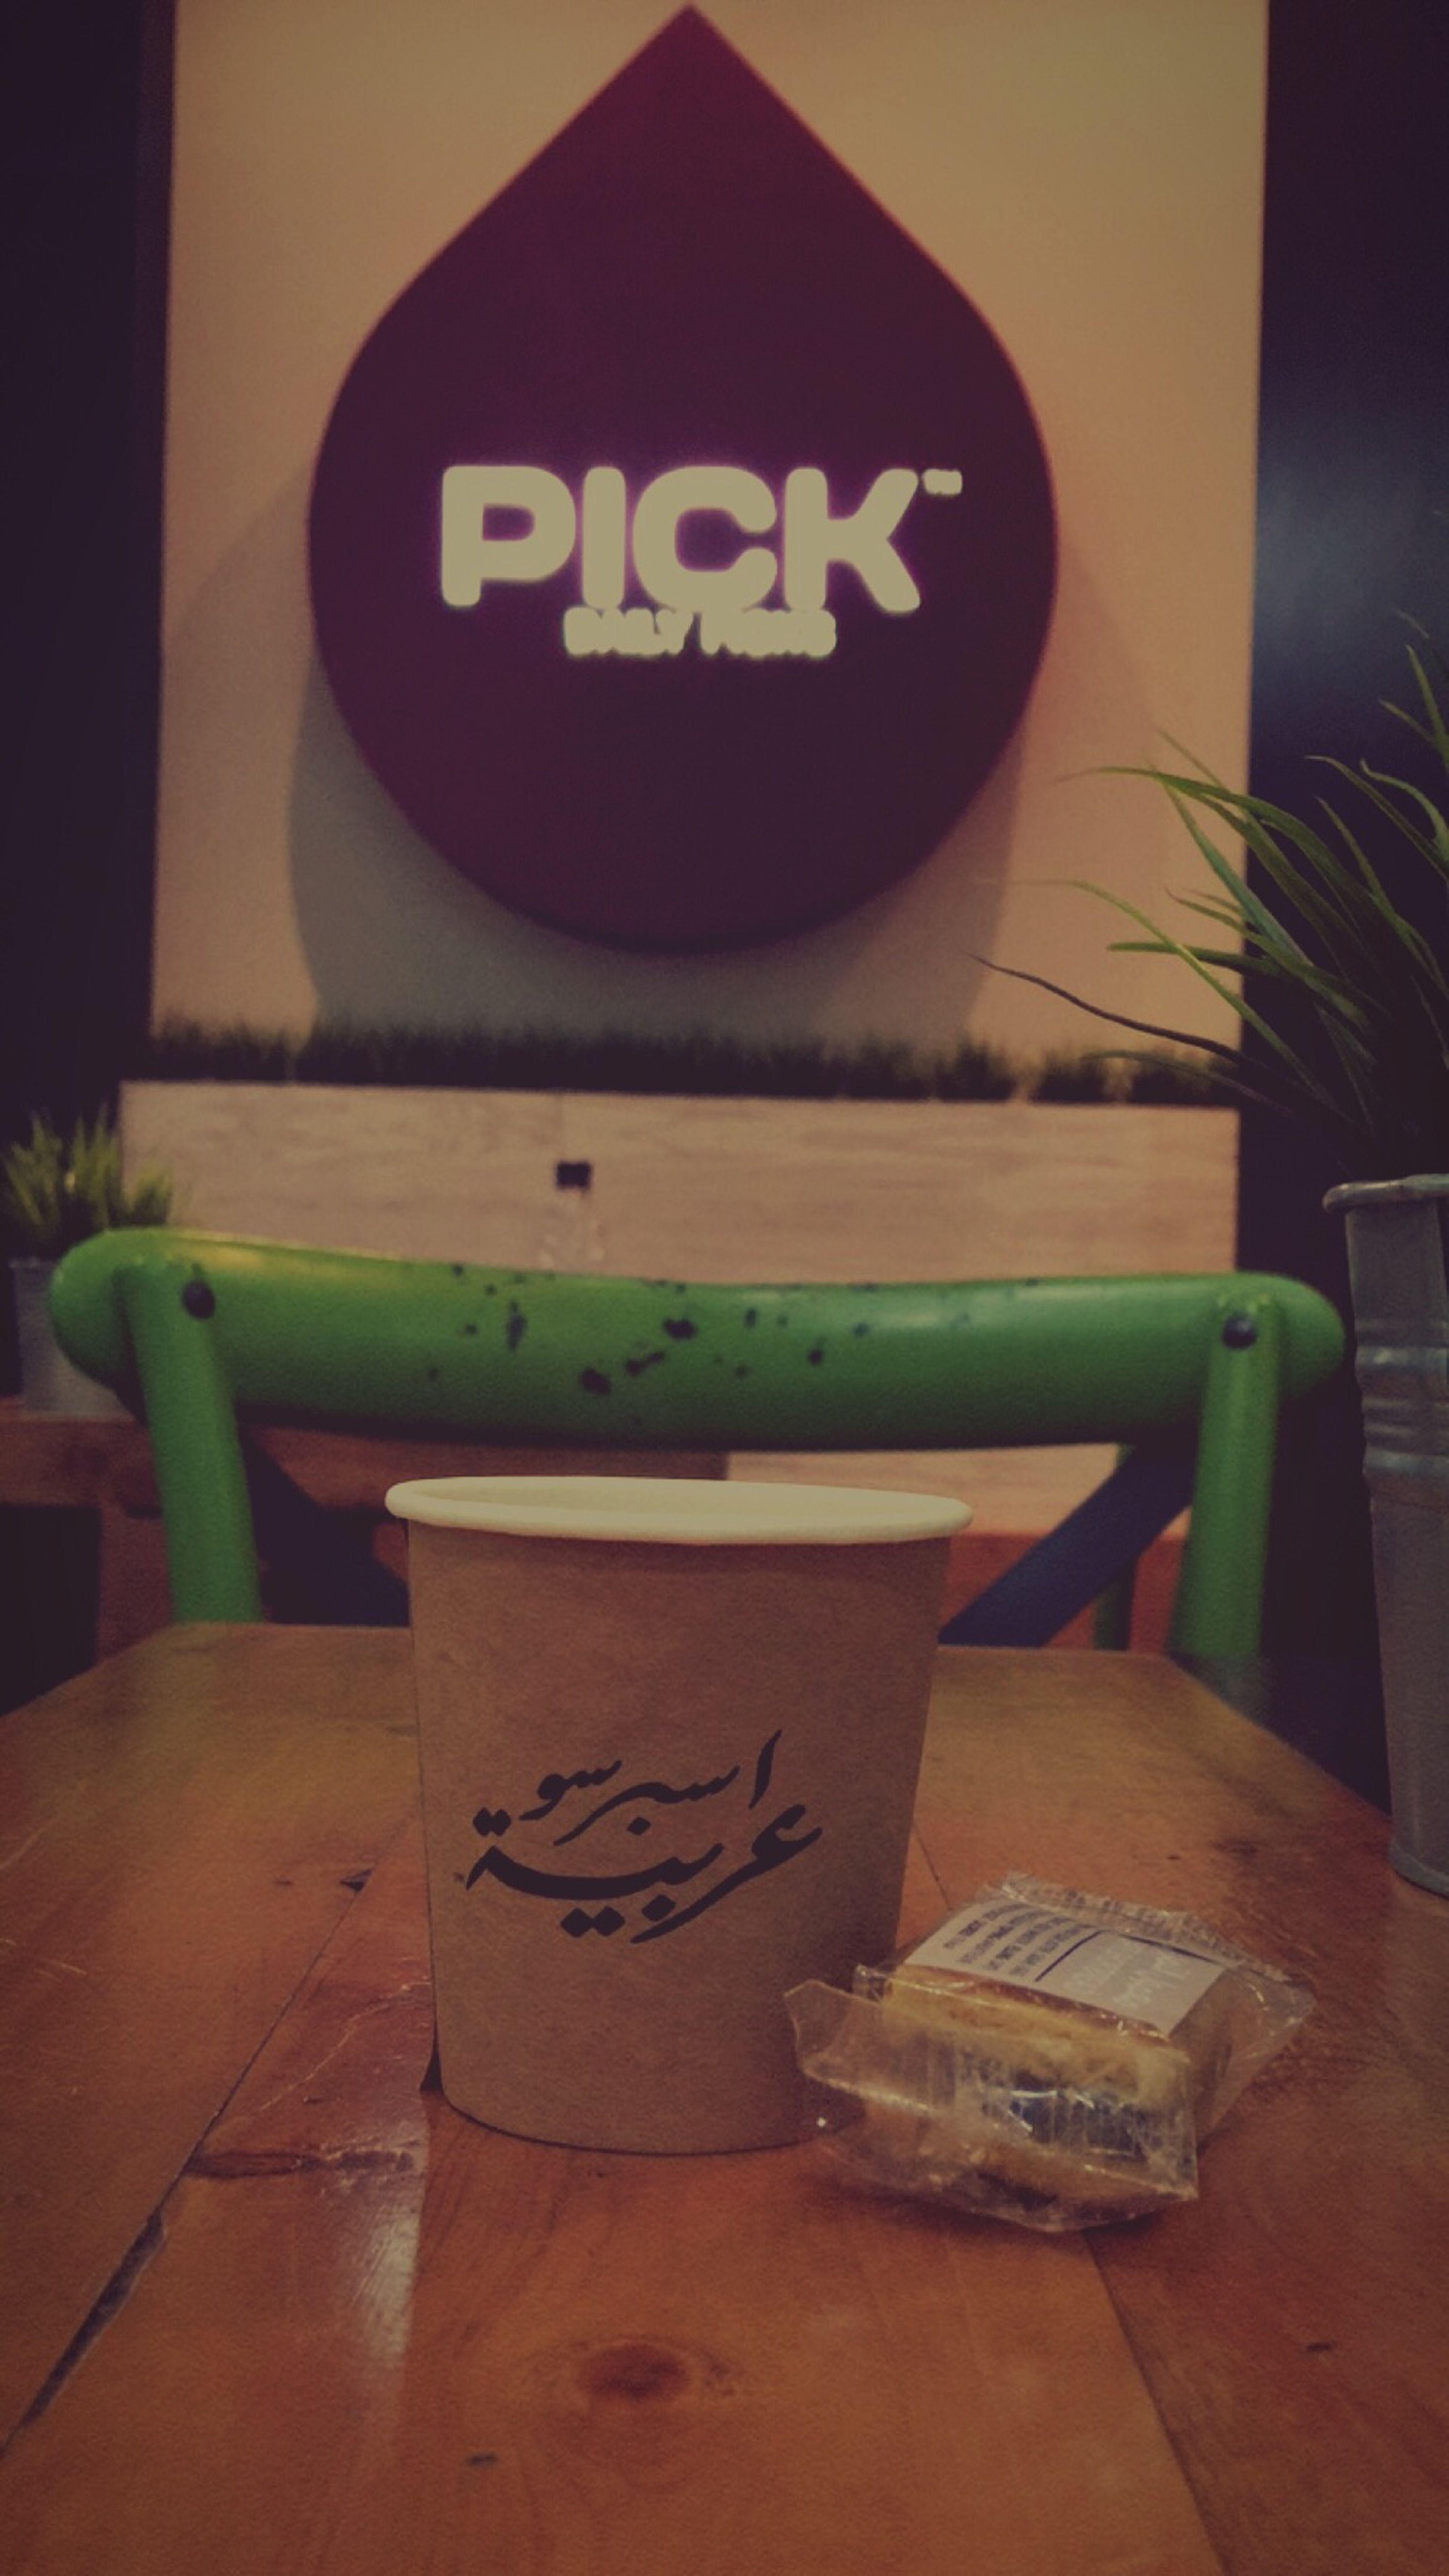 ☕️🐪EspressoArabica Kuwait Arabic Coffee Arbic_coffee 🌞❤️ Coffee Time Coffee Arbic EspressoArabica Espresso PickYo